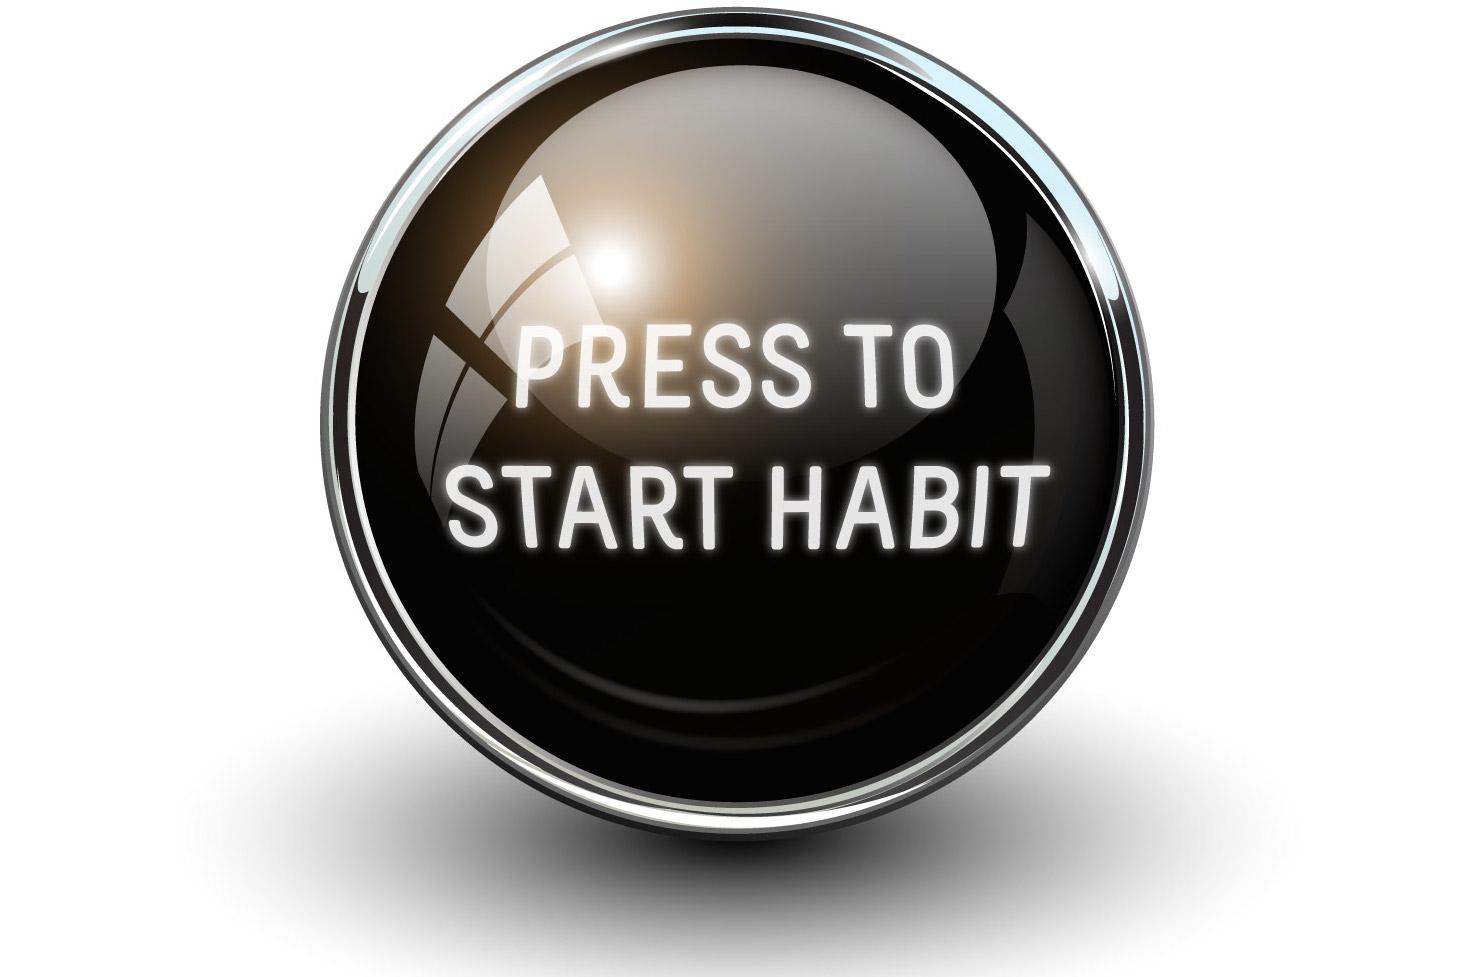 Press To Start Habit (White Wide Crop)